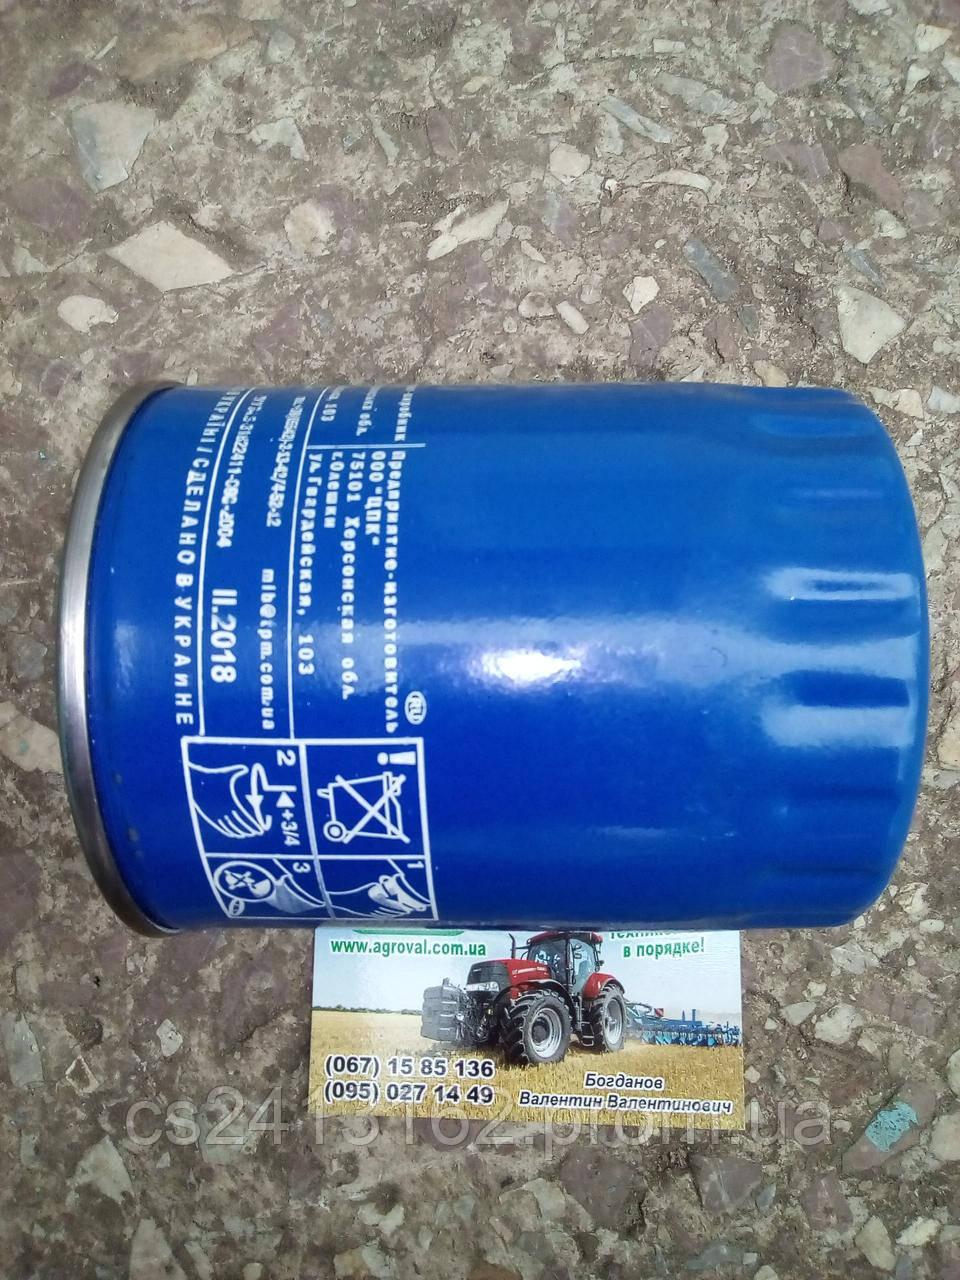 Фильтр топливный ГАЗ 3309 ВАЛДАЙ МТЗ ПАЗ ЮМЗ с Двиг. ММЗ 245 Фильтр тонкой очистки топлива РД032